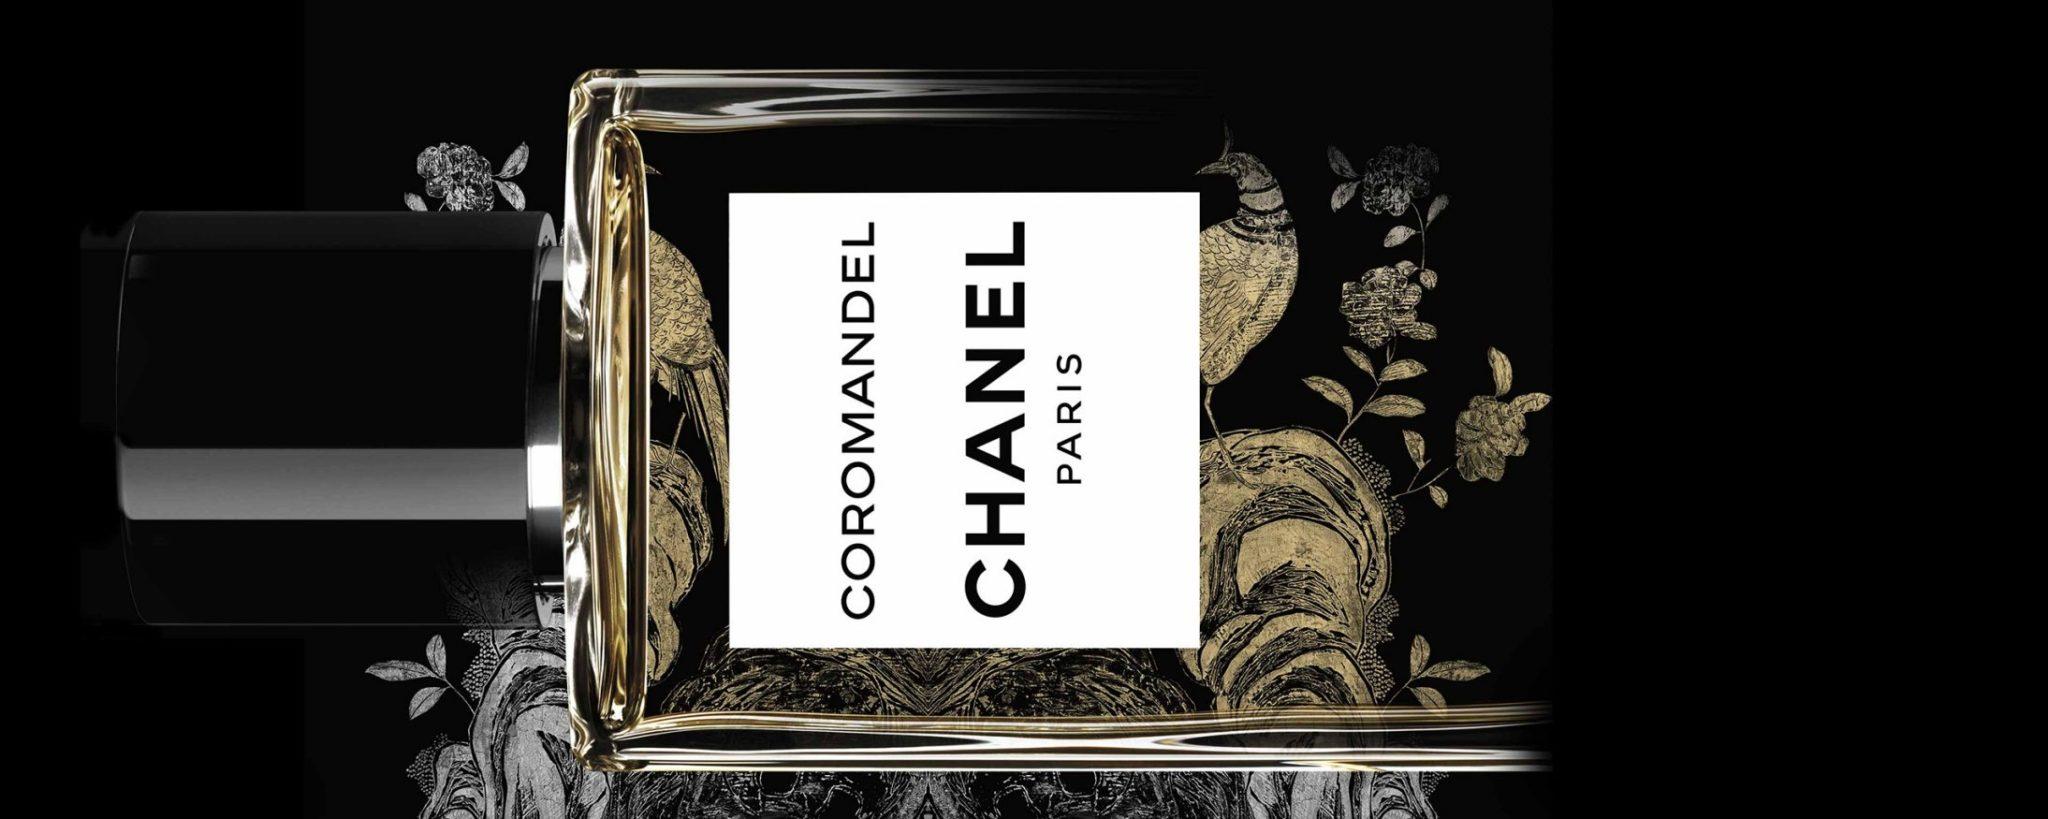 Chanel Les Exclusifs Coromandel eau de parfum Esprit de Gabrielle espritdegabrielle.com